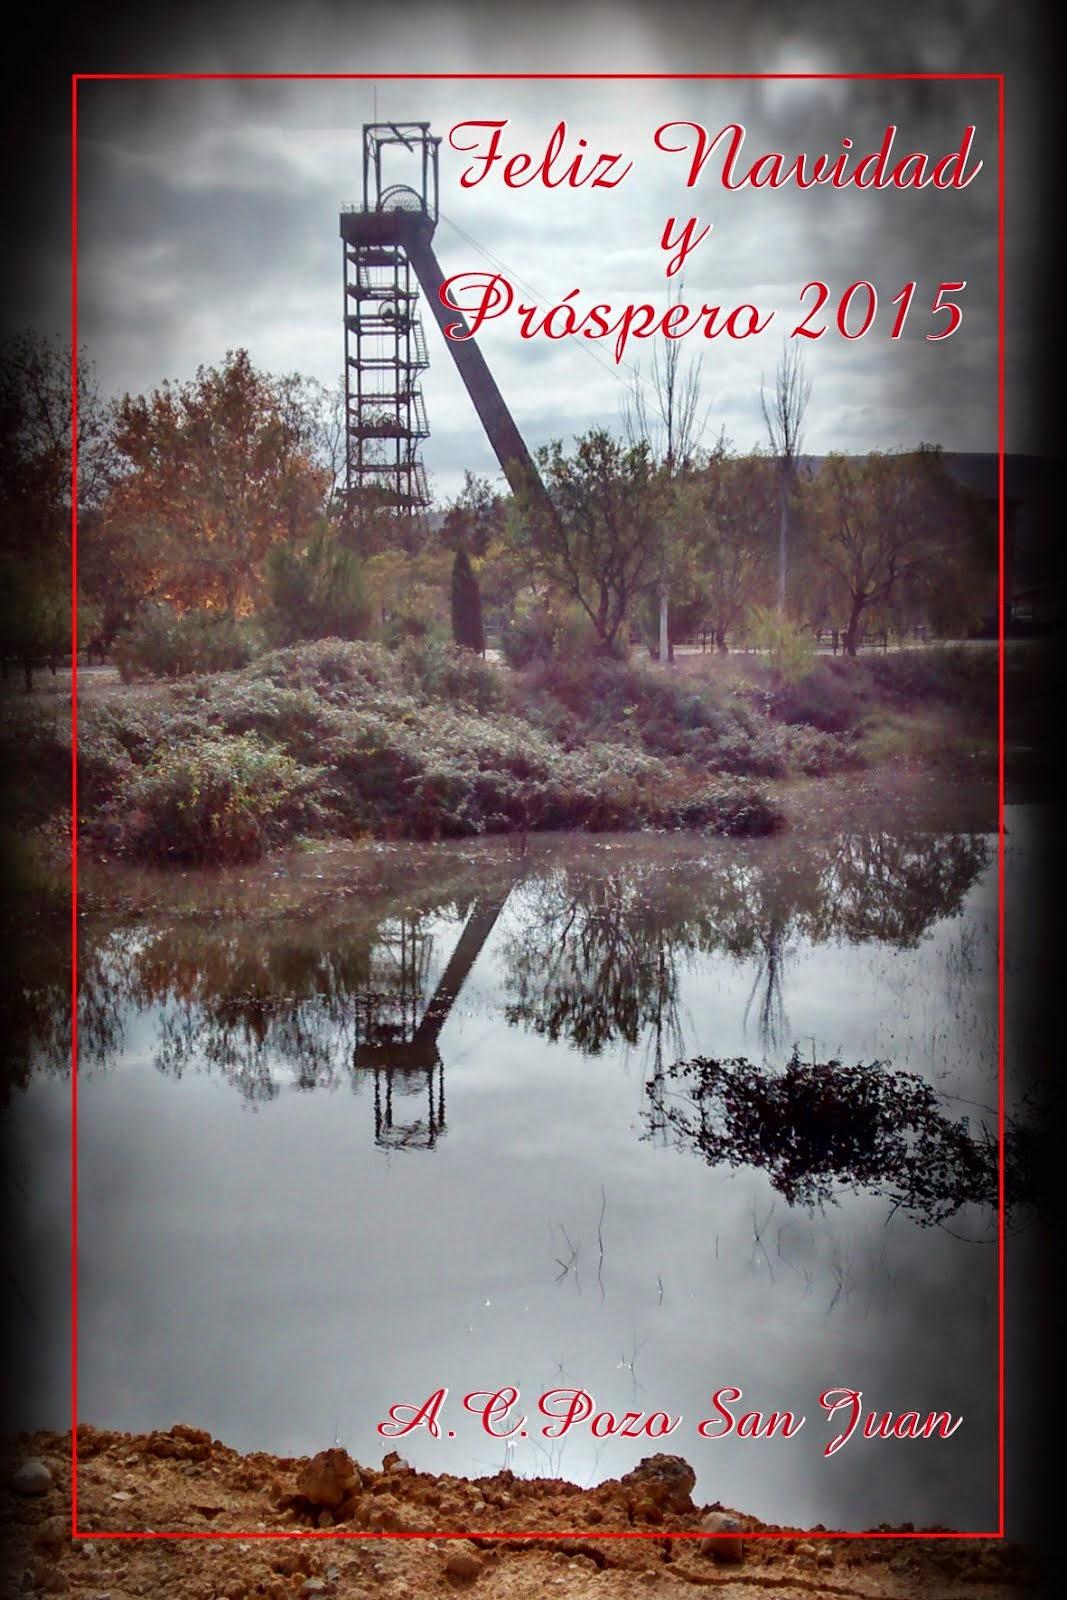 FELIZ AÑO NUEVO. 2015